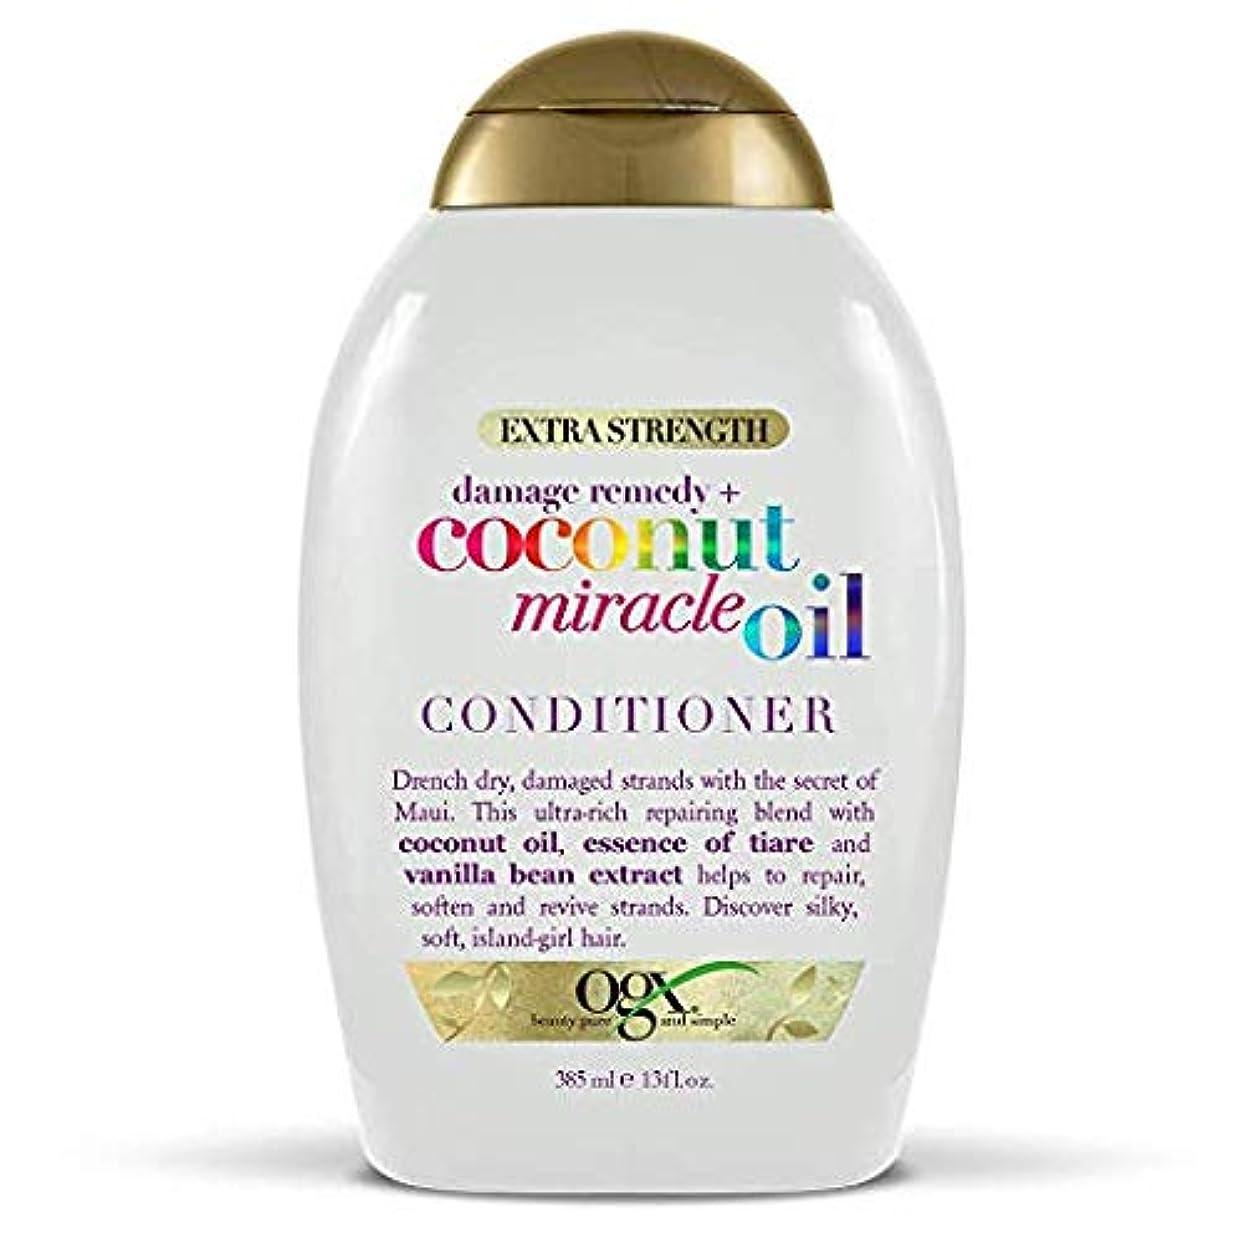 経験ブレーク送料Ogx Conditioner Coconut Miracle Oil Extra Strength 13oz OGX ココナッツミラクルオイル エクストラストレングス コンディショナー 385ml [並行輸入品]